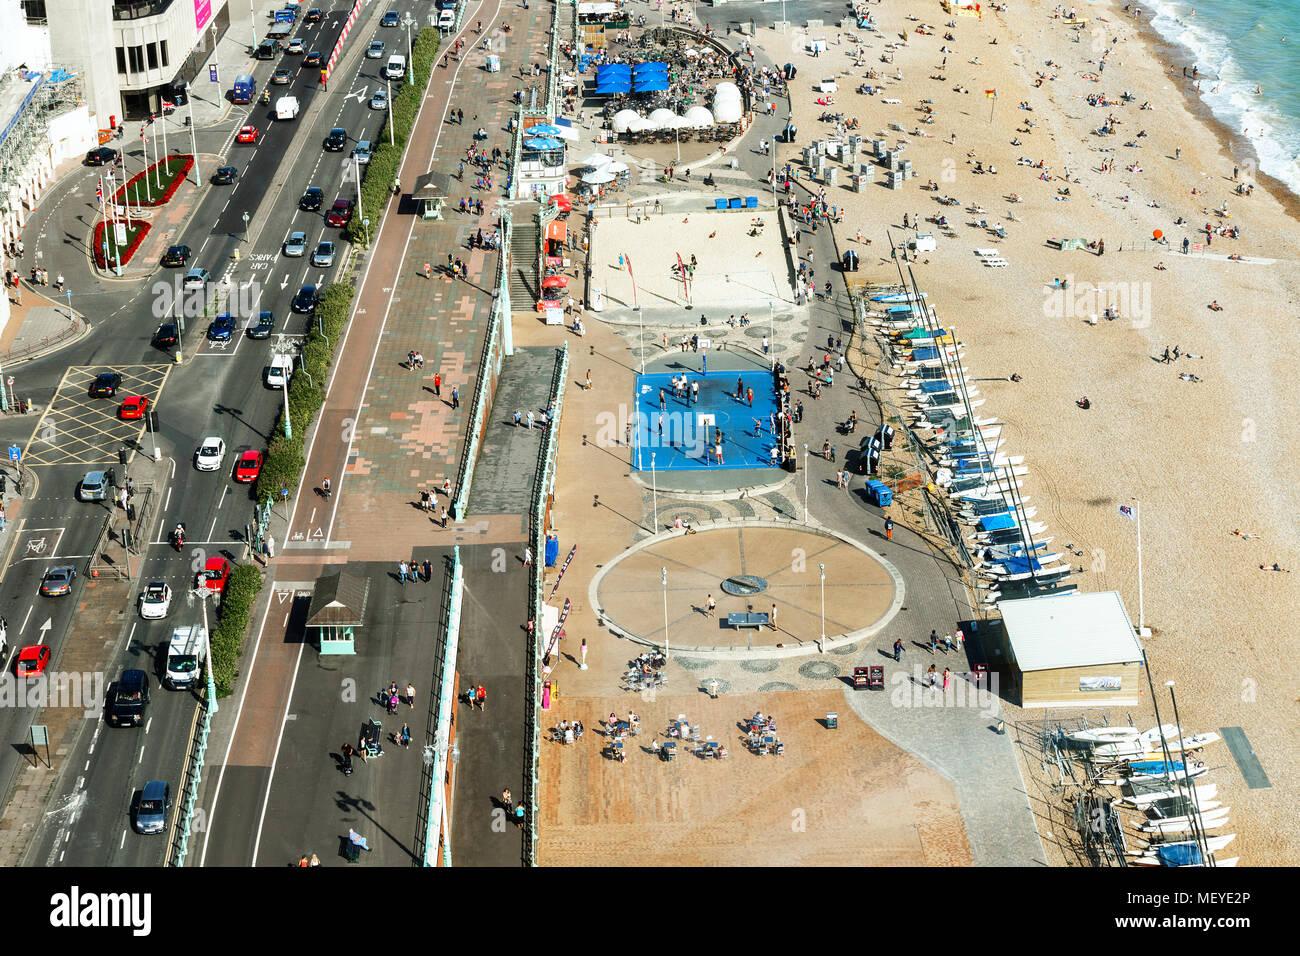 Vista aerea di Brighton, persone giocare a basket sulla corte , parcheggio per yacht Immagini Stock